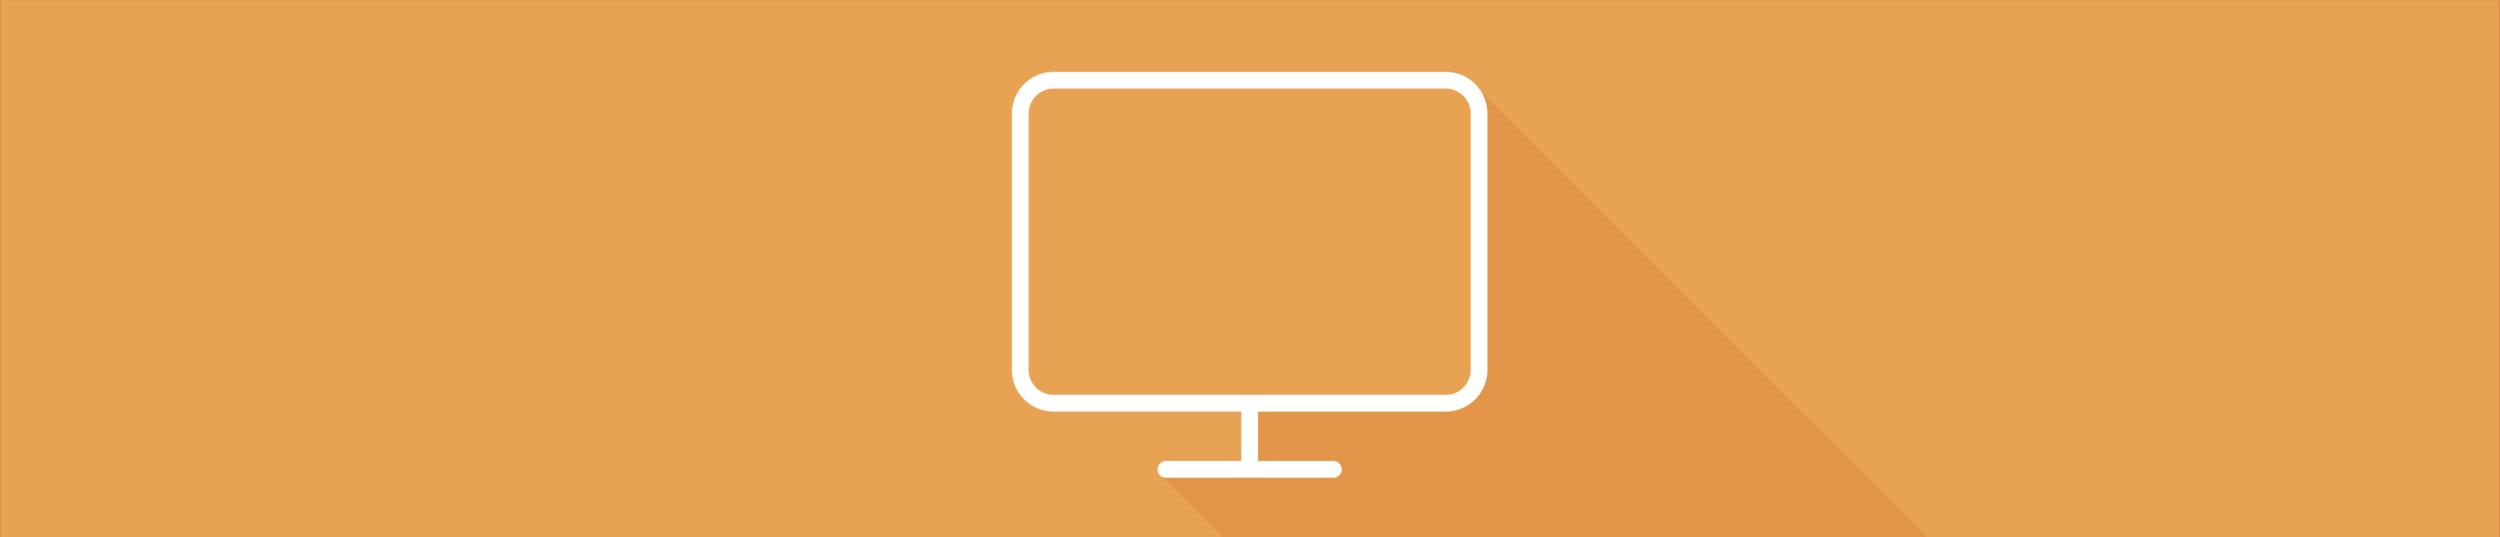 Registrera konto eller logga in på CSign online